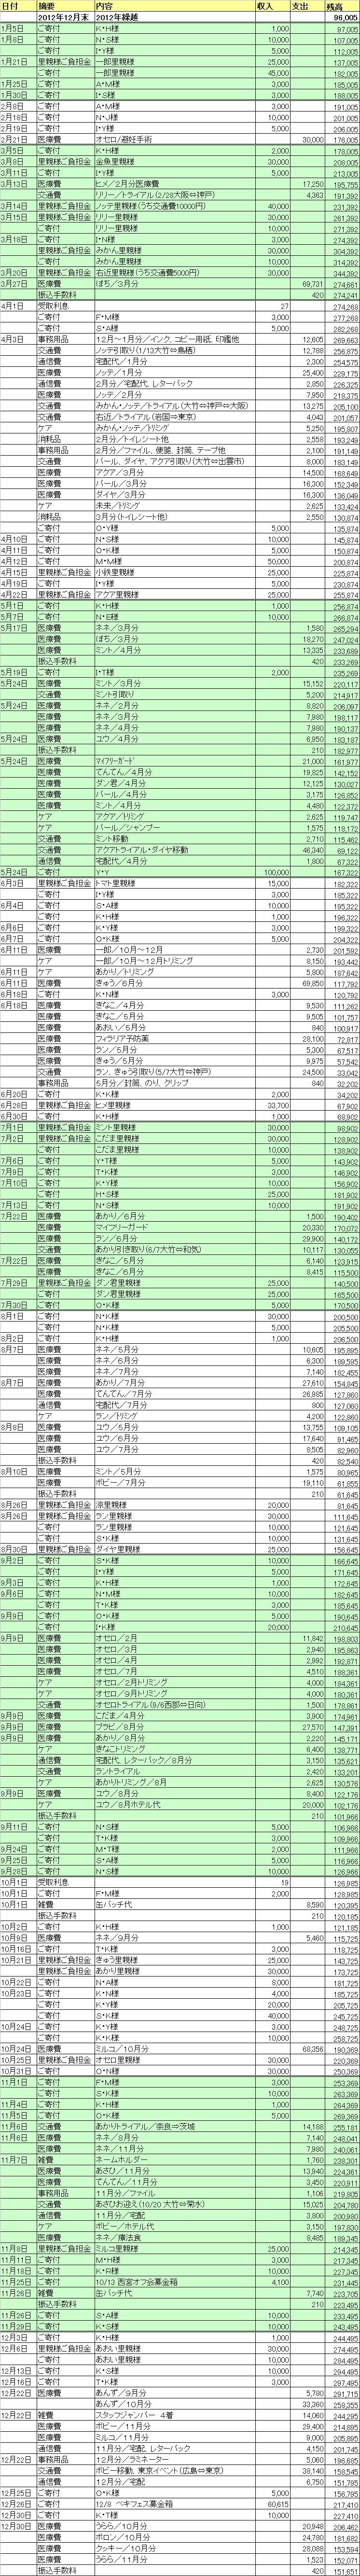 2013年収支報告